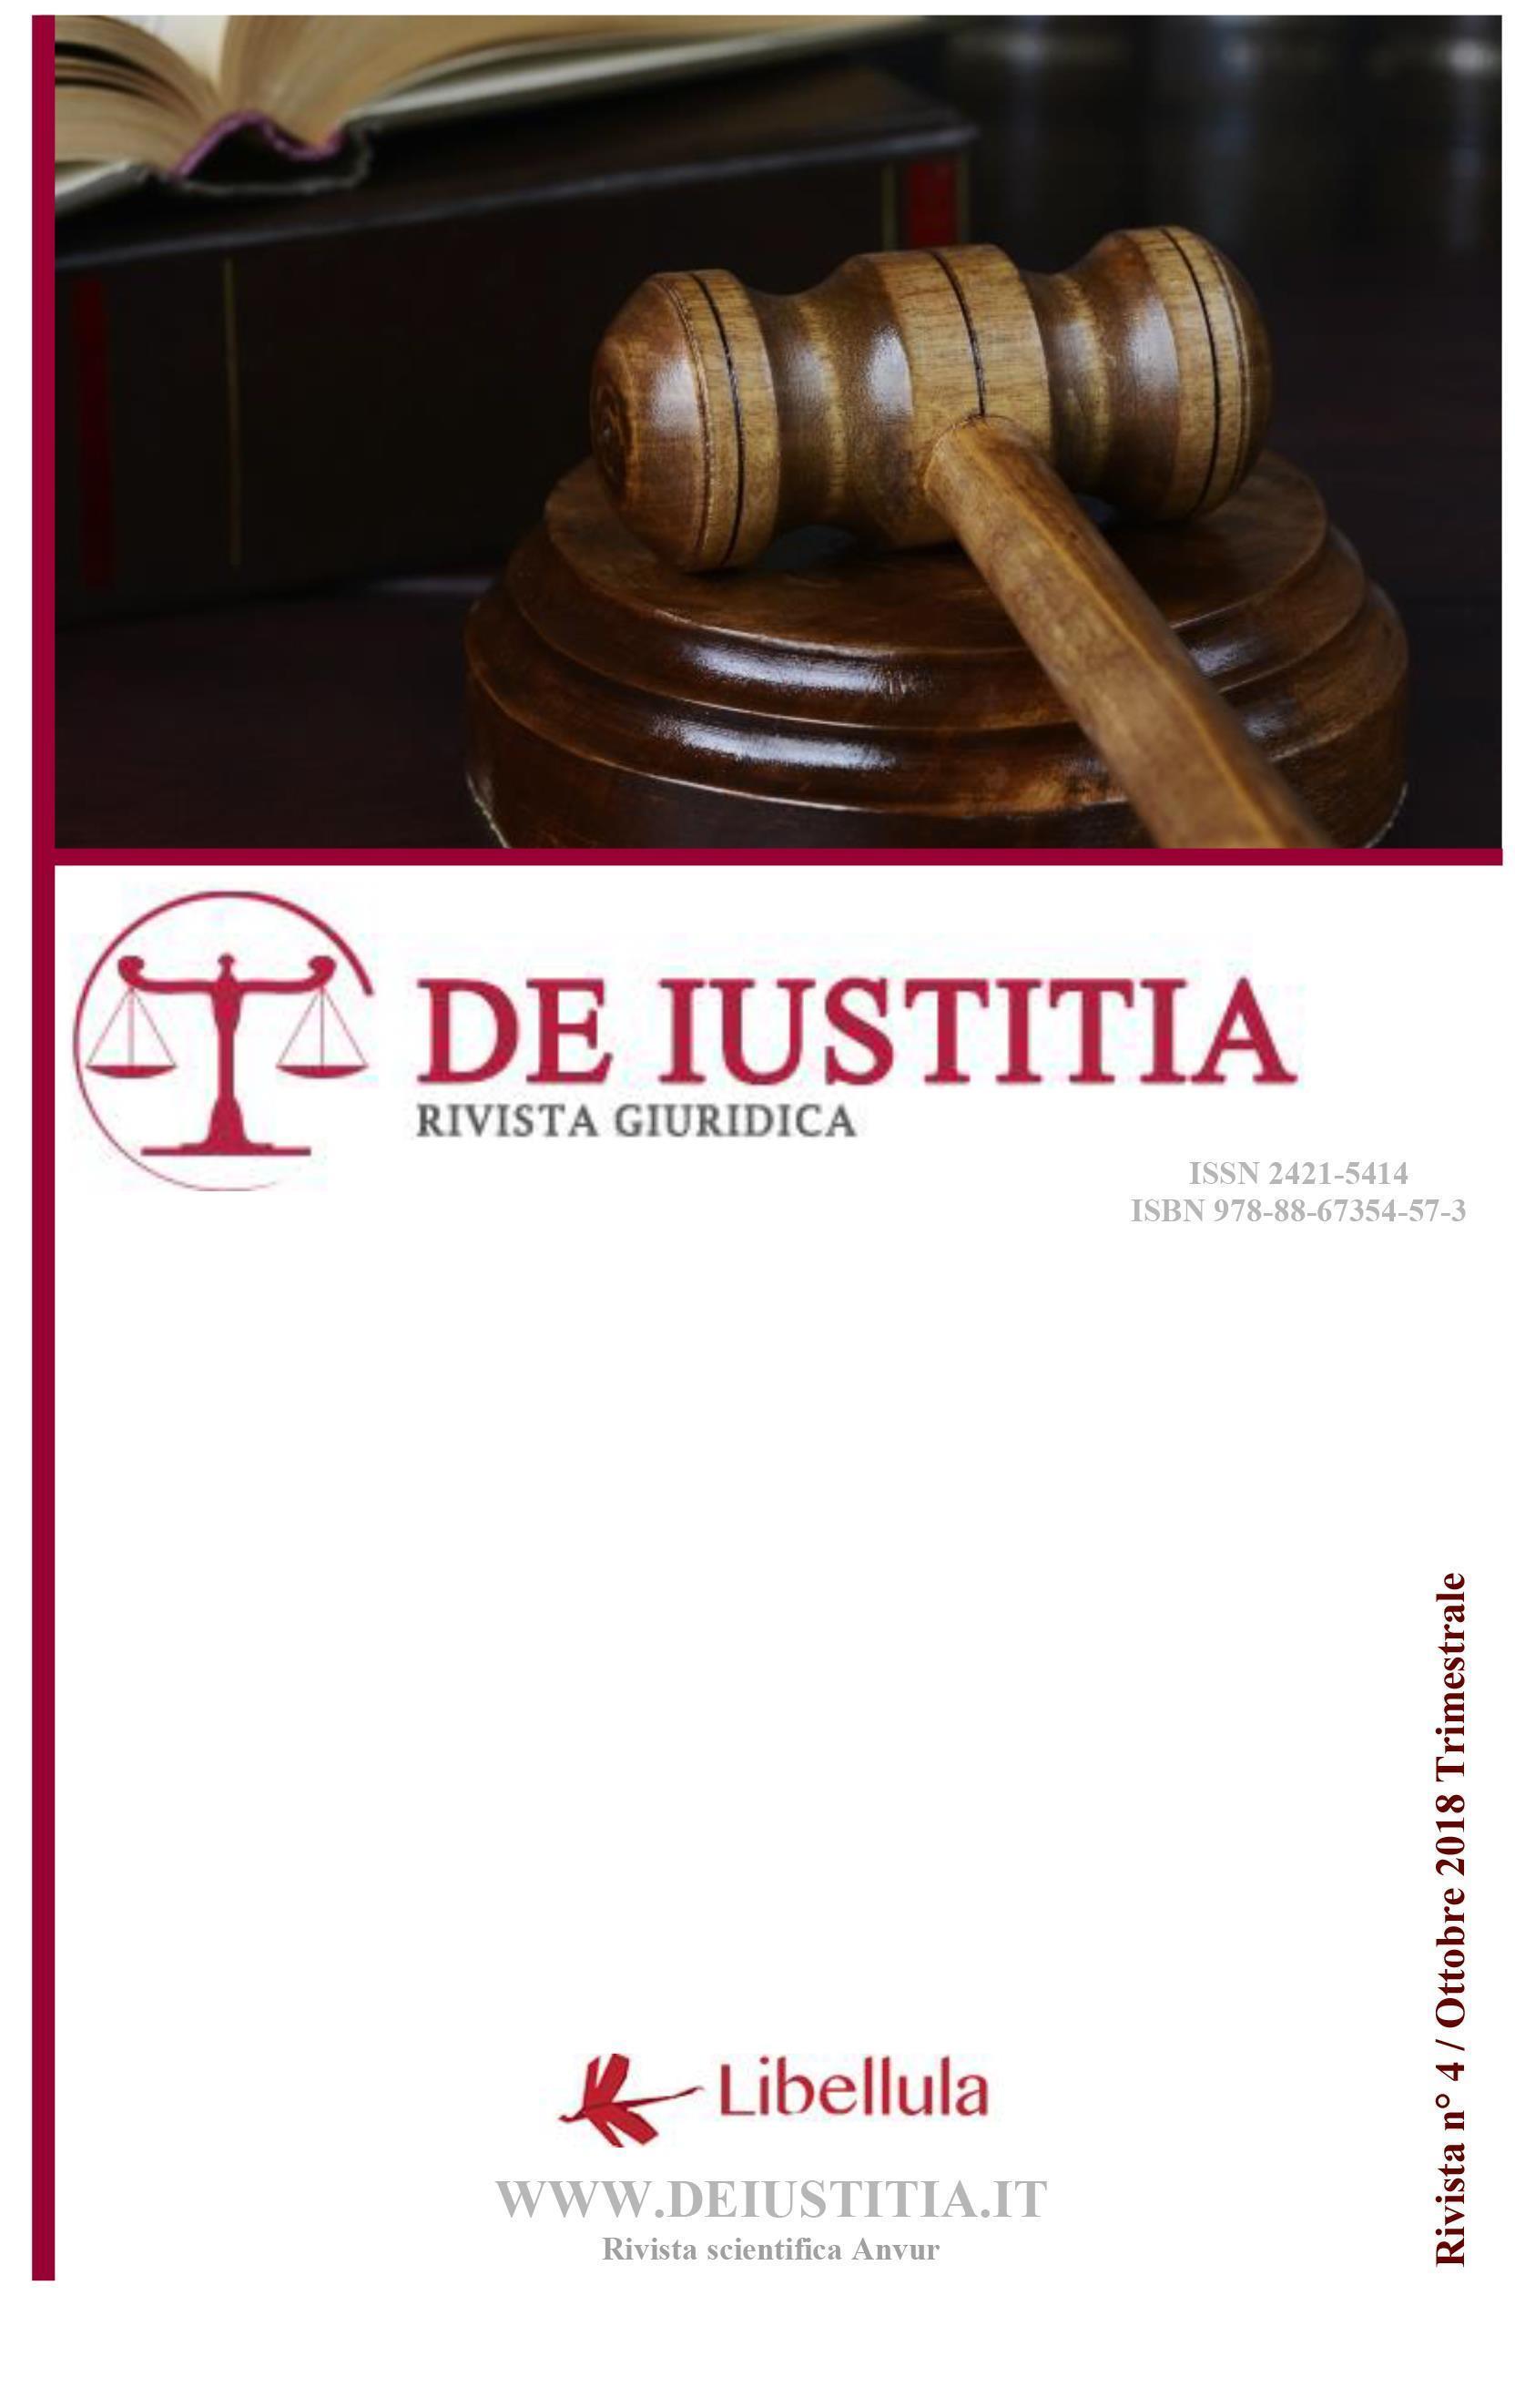 De Iustitia - Rivista di informazione giuridica - N. 4 Ottobre 2018